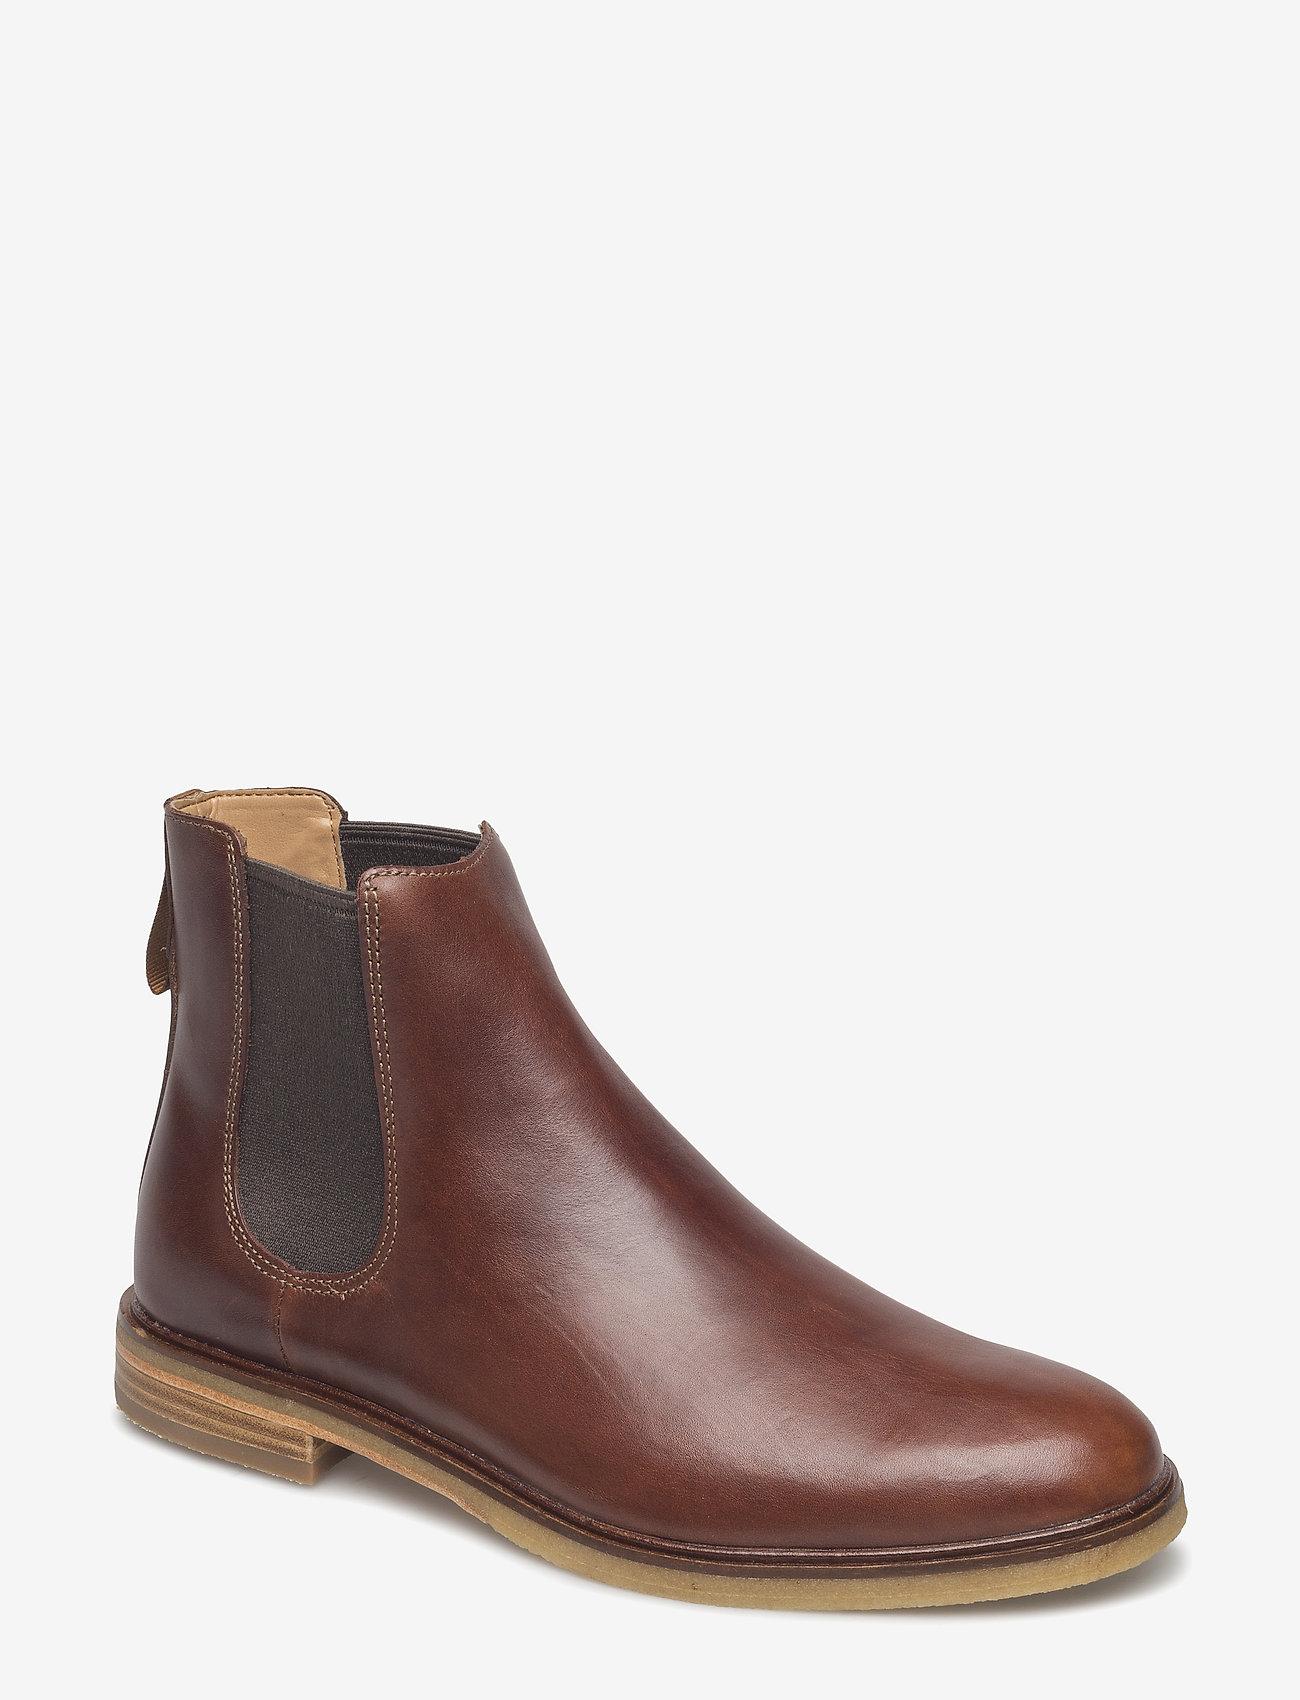 Clarkdale Gobi (Mahogany Leather) (110